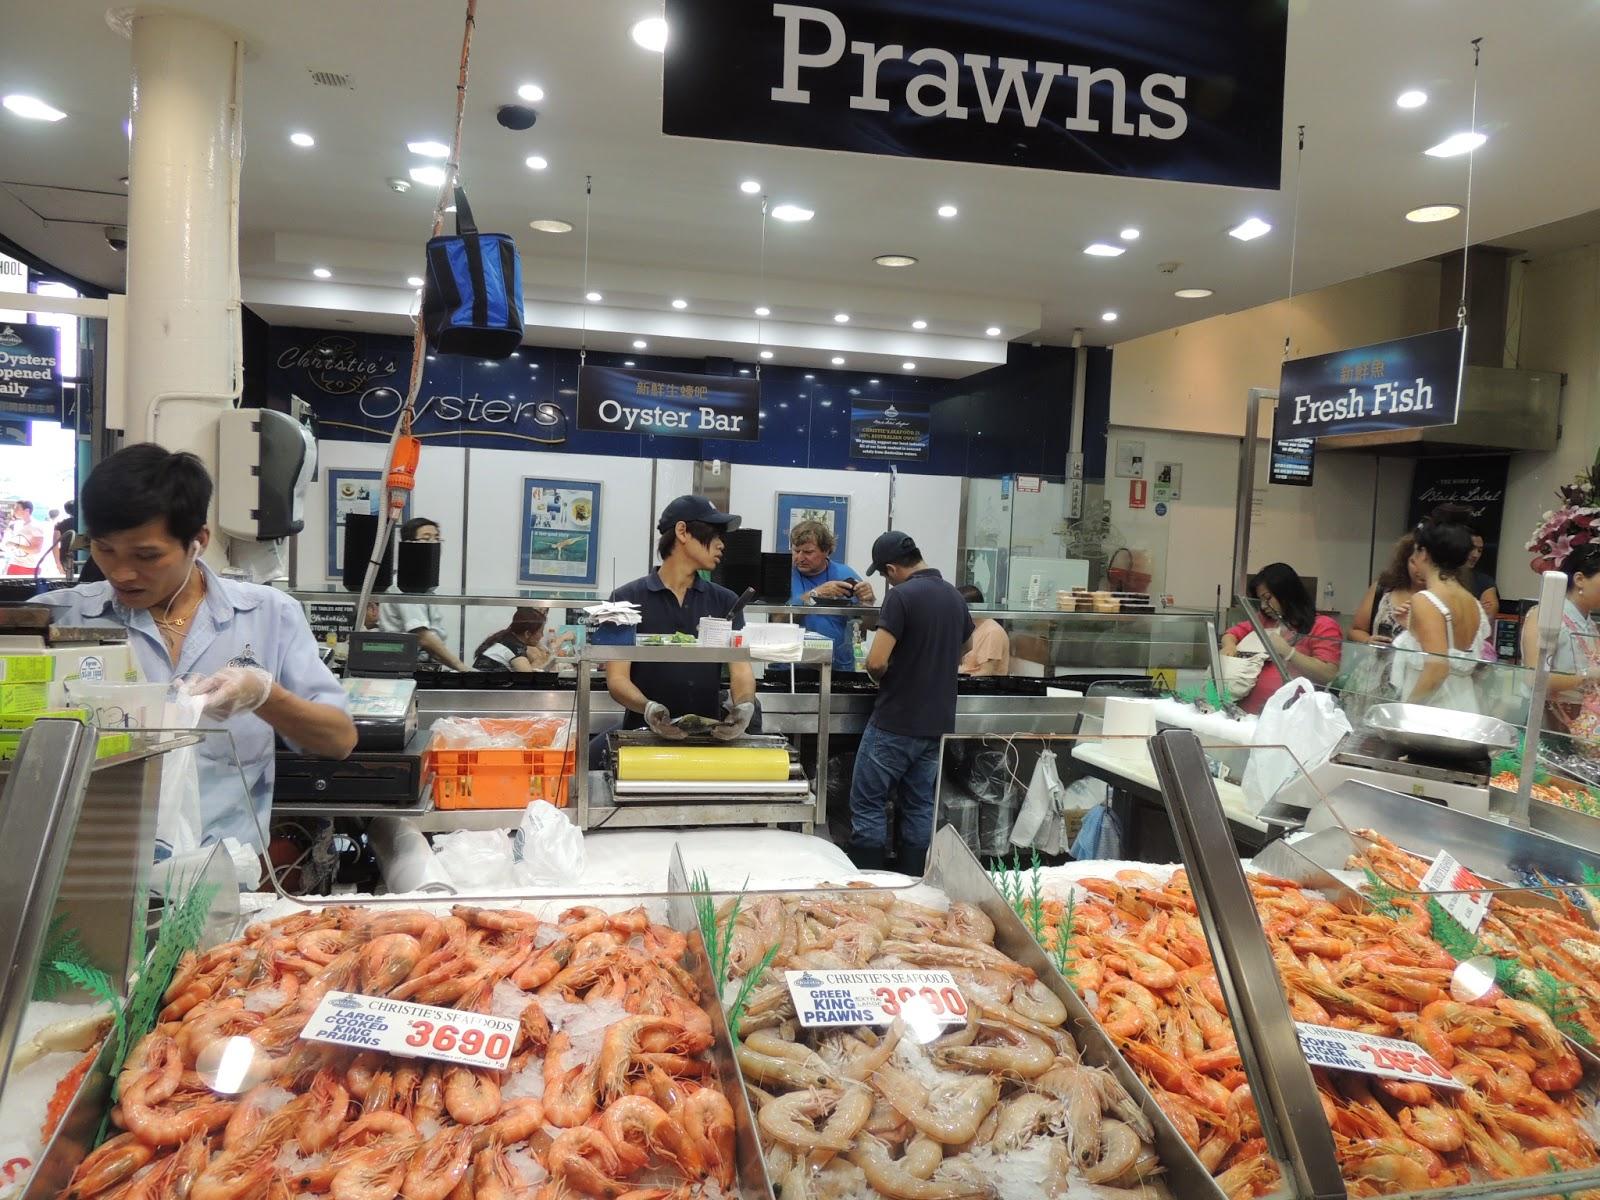 Dancing queen sydney fish market for Fish market queens